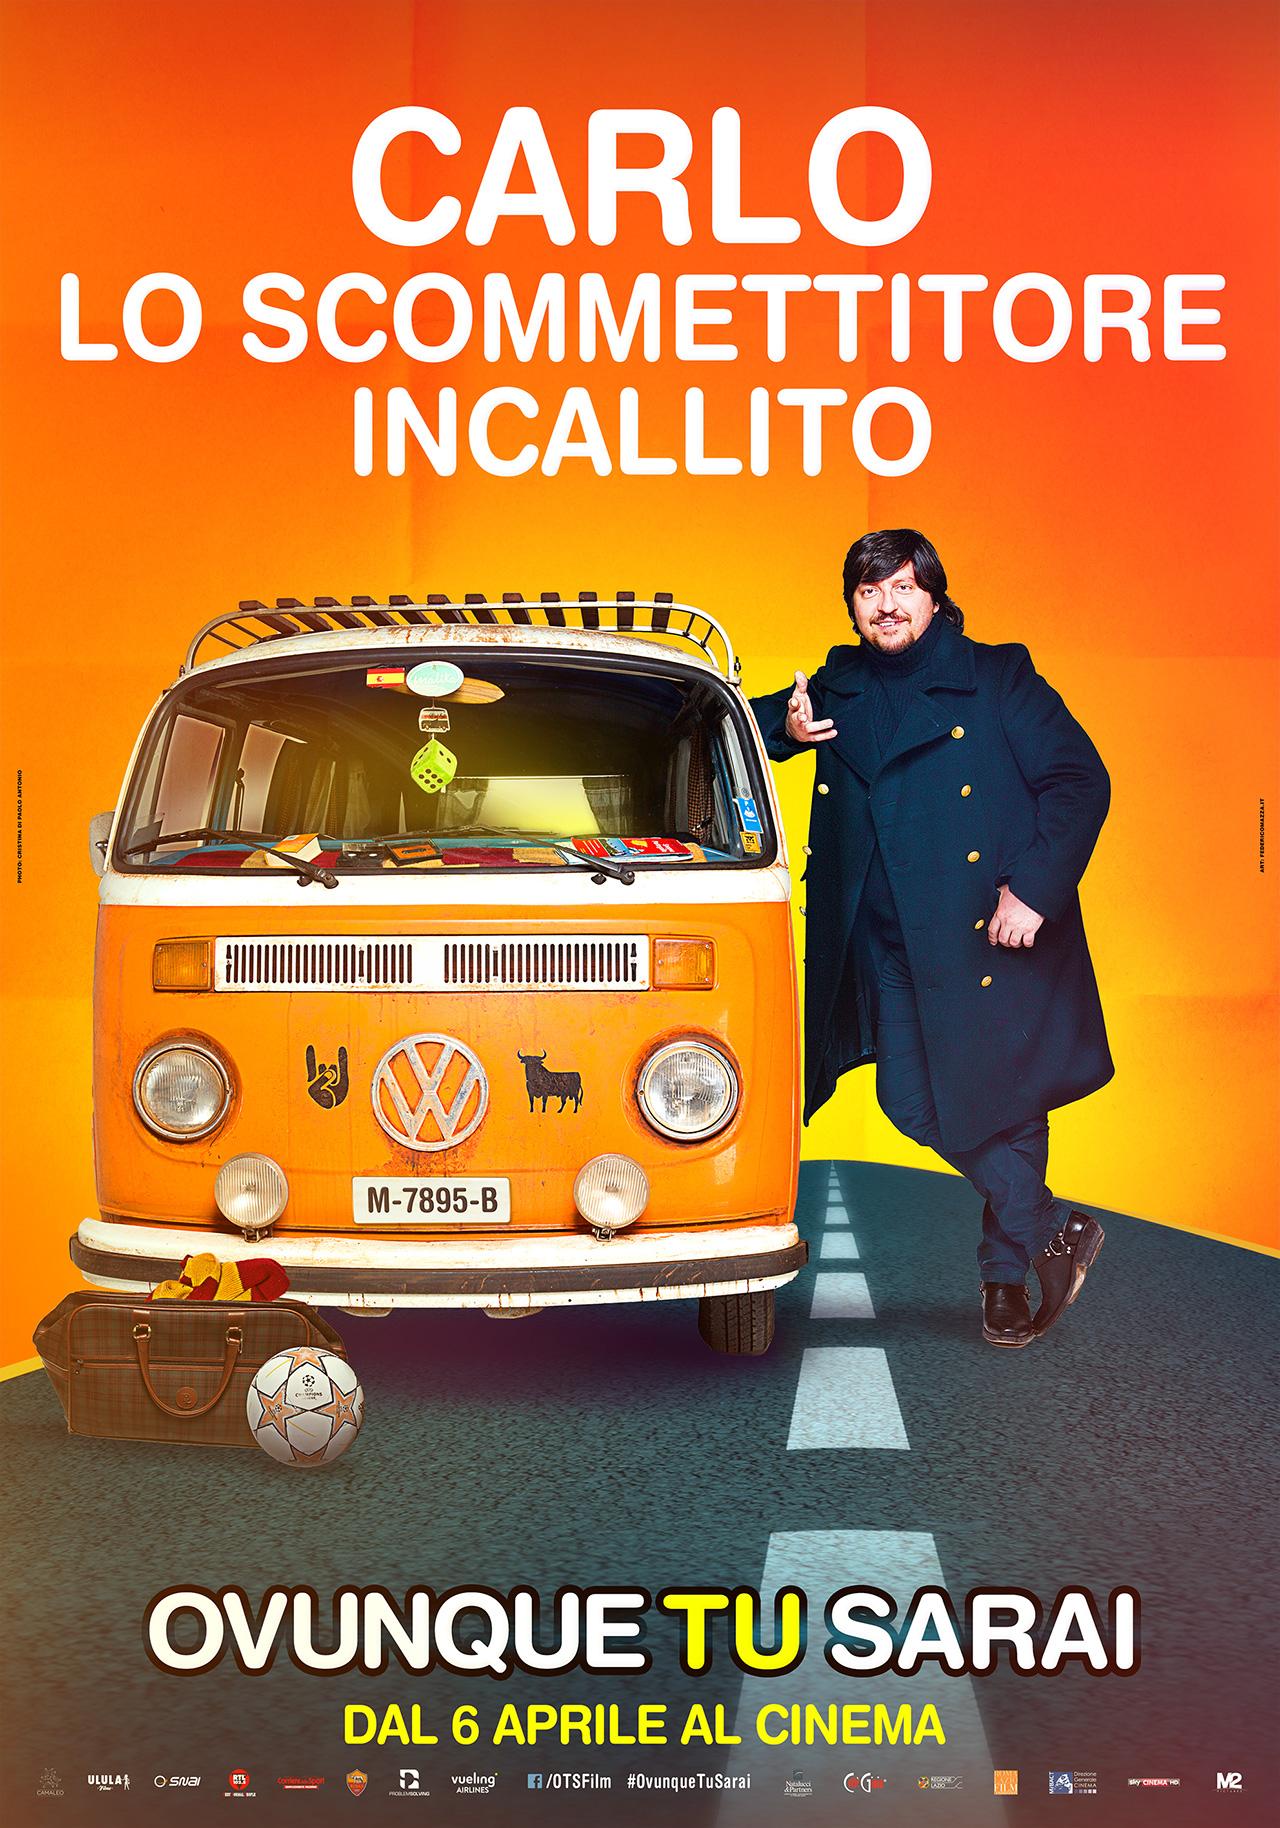 Ovunque tu sarai - character poster in esclusiva con Carlo